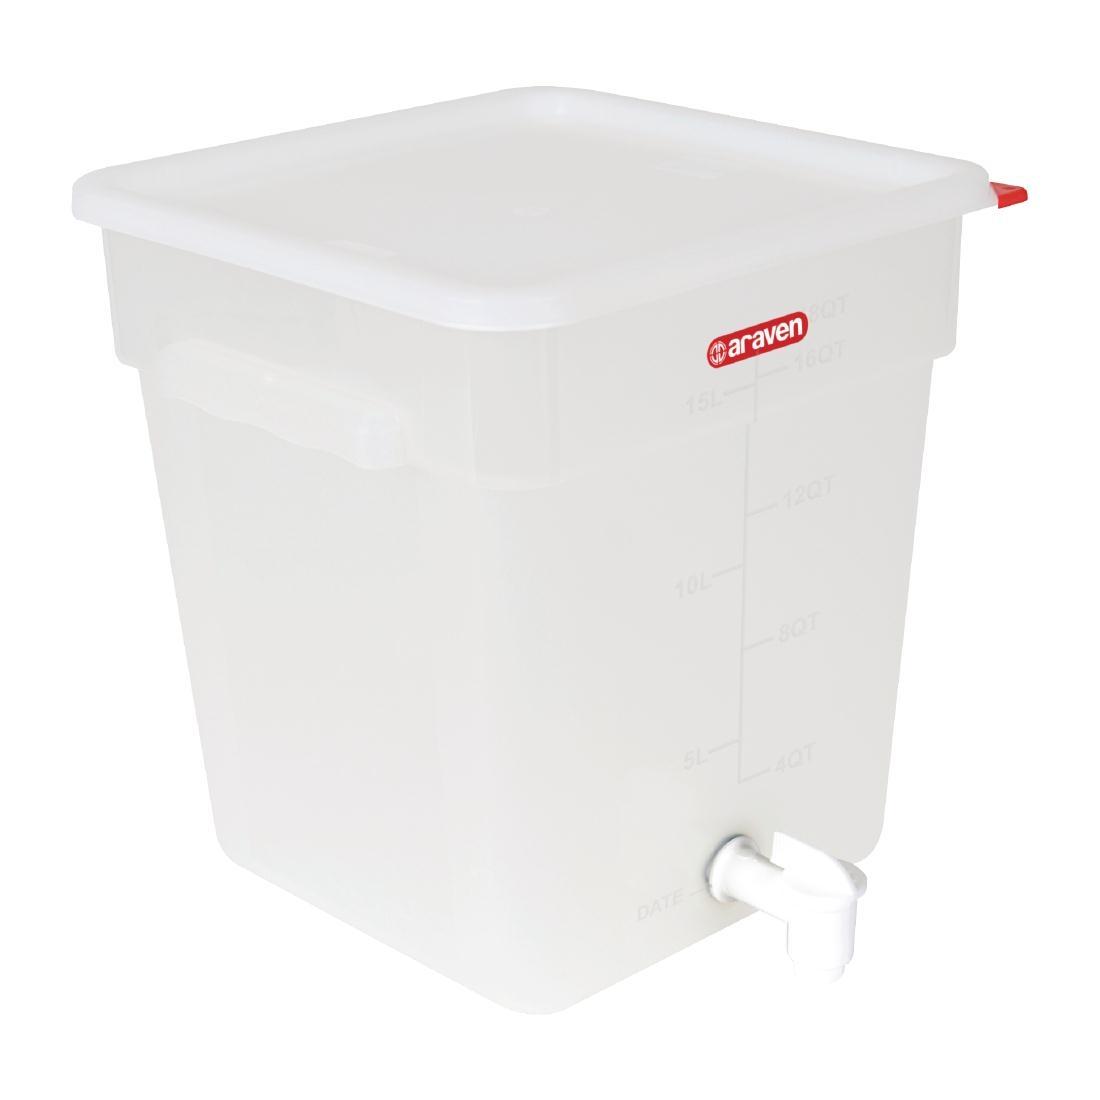 Conteneur robinet Araven 18L